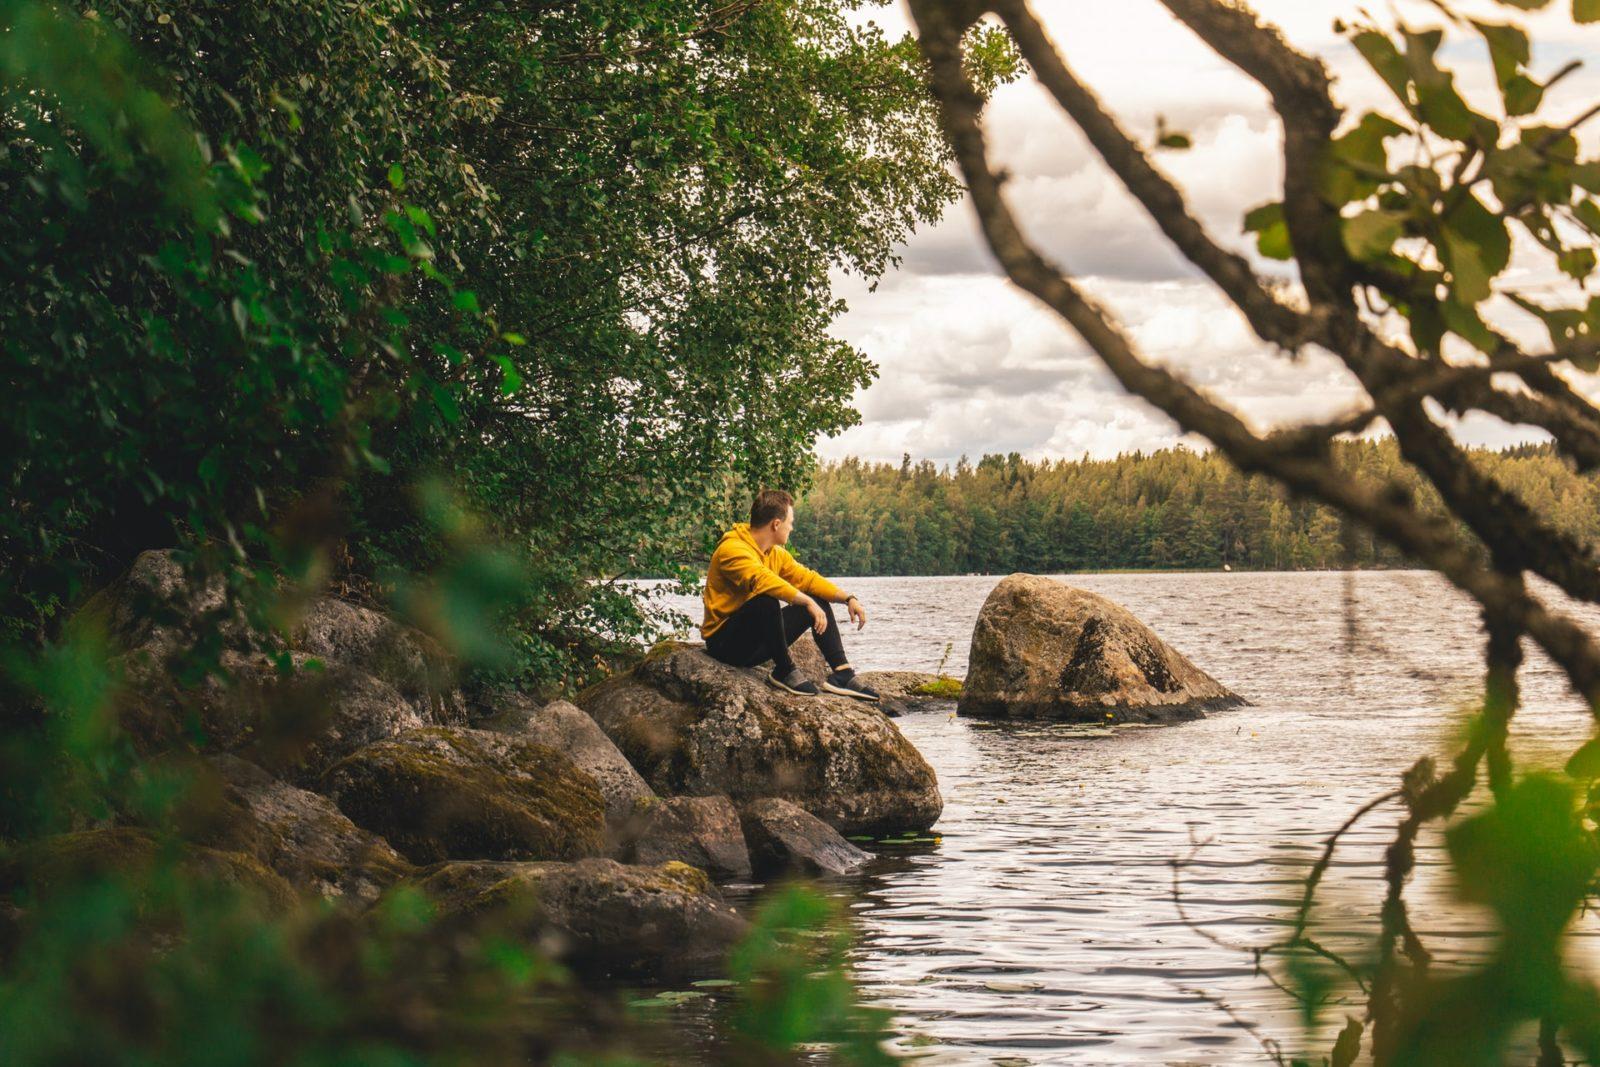 На сколько дней путешественникам дают финскую визу?